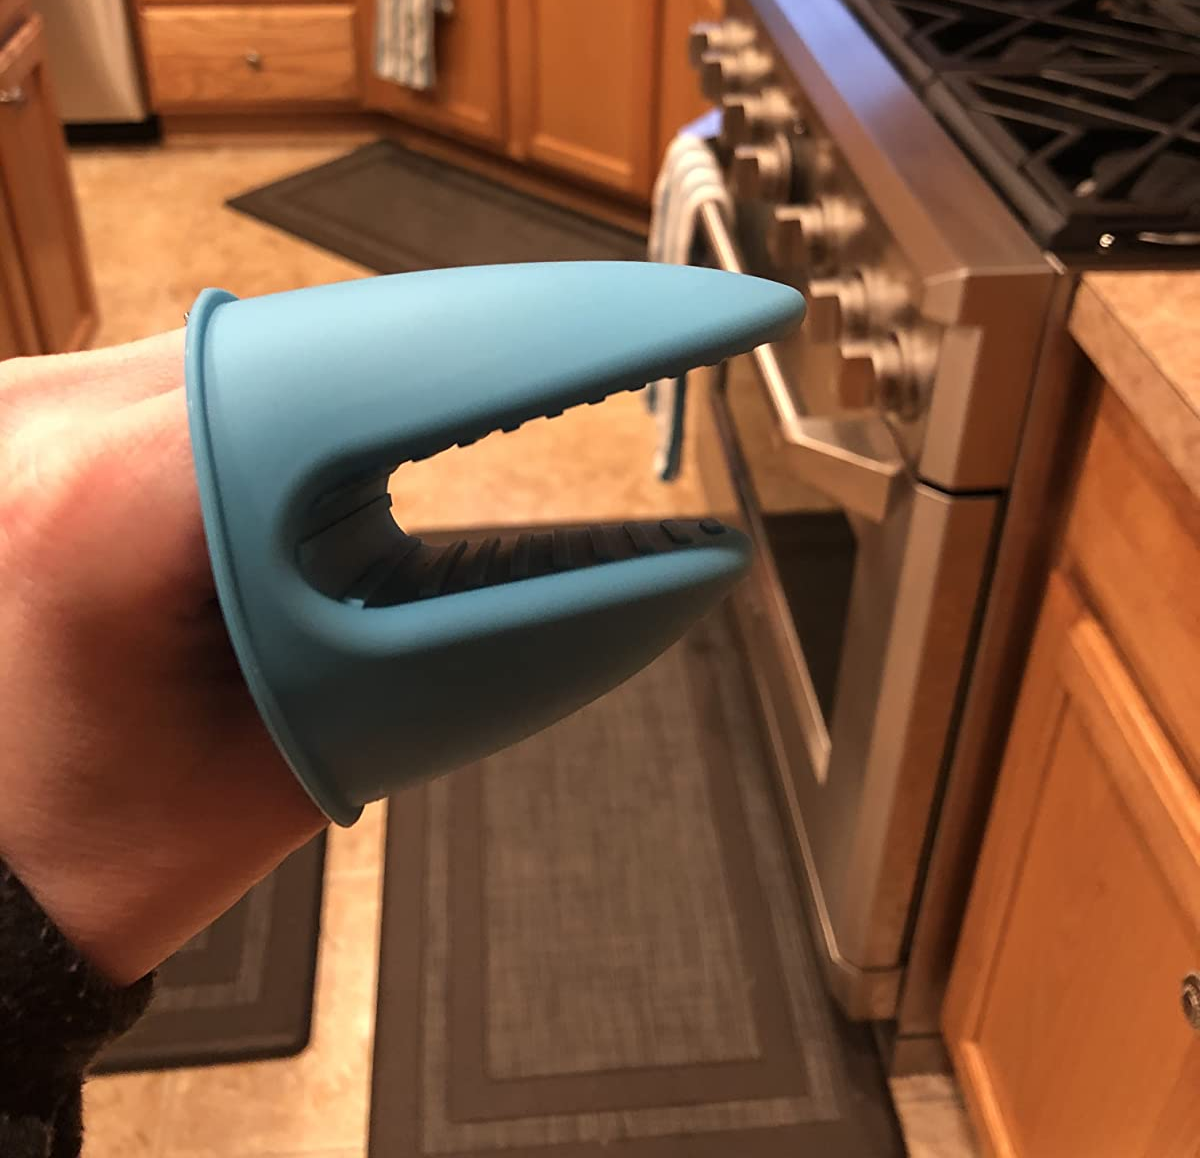 Reviewer wearing the blue mitt